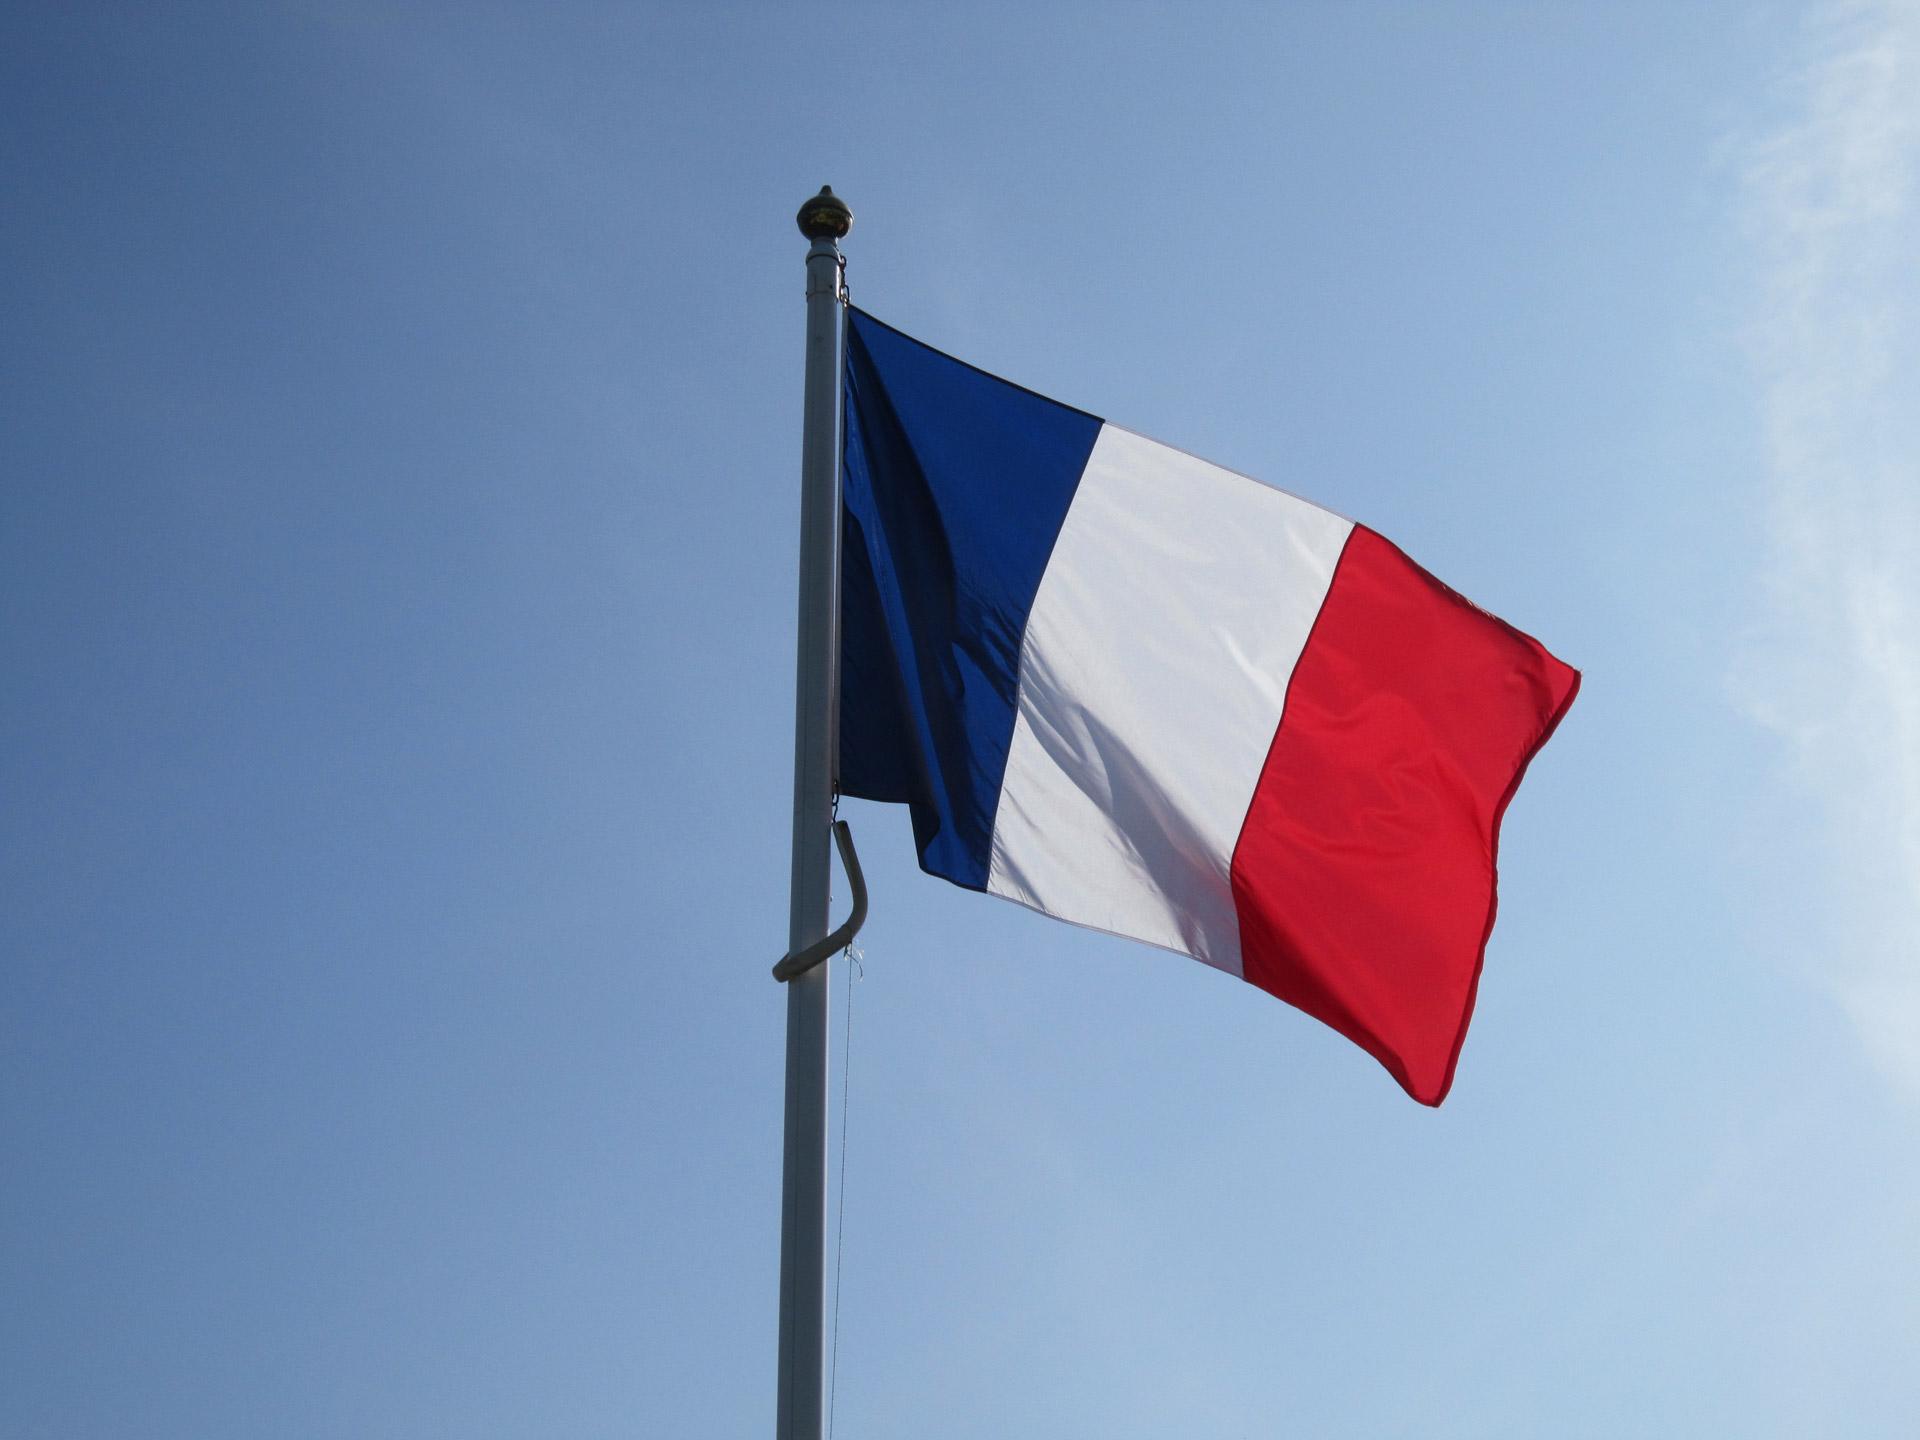 Drapeau Francais 13384961510hm